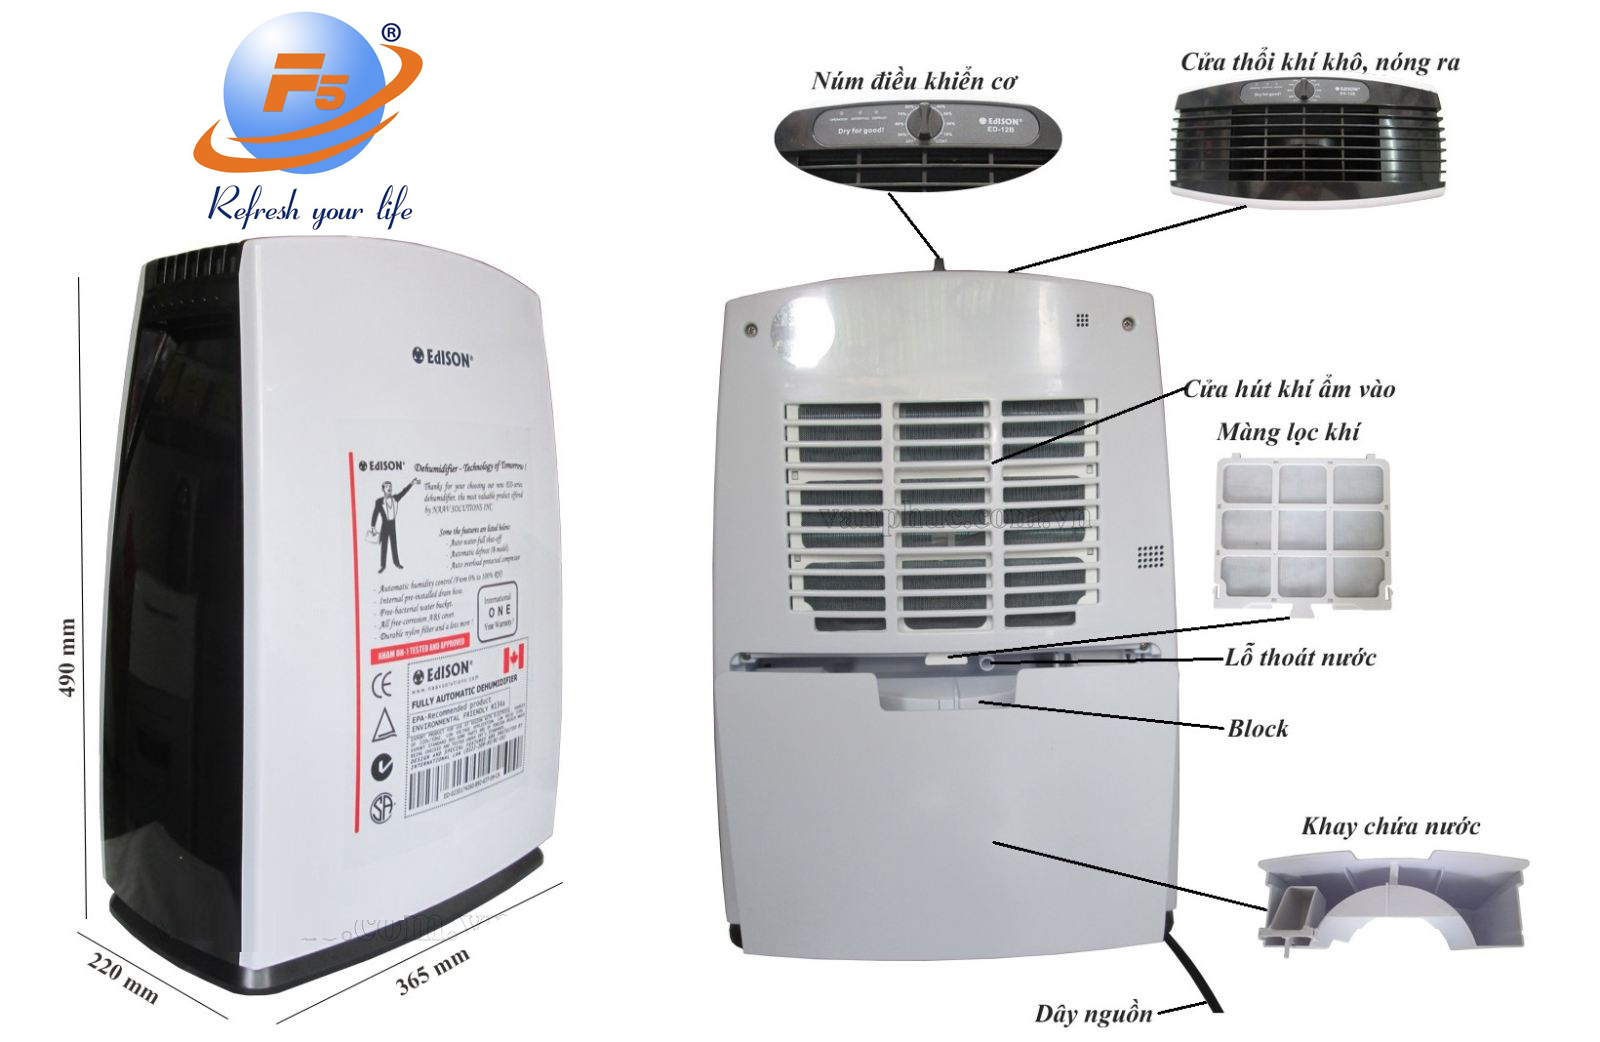 Mua máy hút ẩm tặng quà khuyến mại trị giá đến 5 triệu đồng